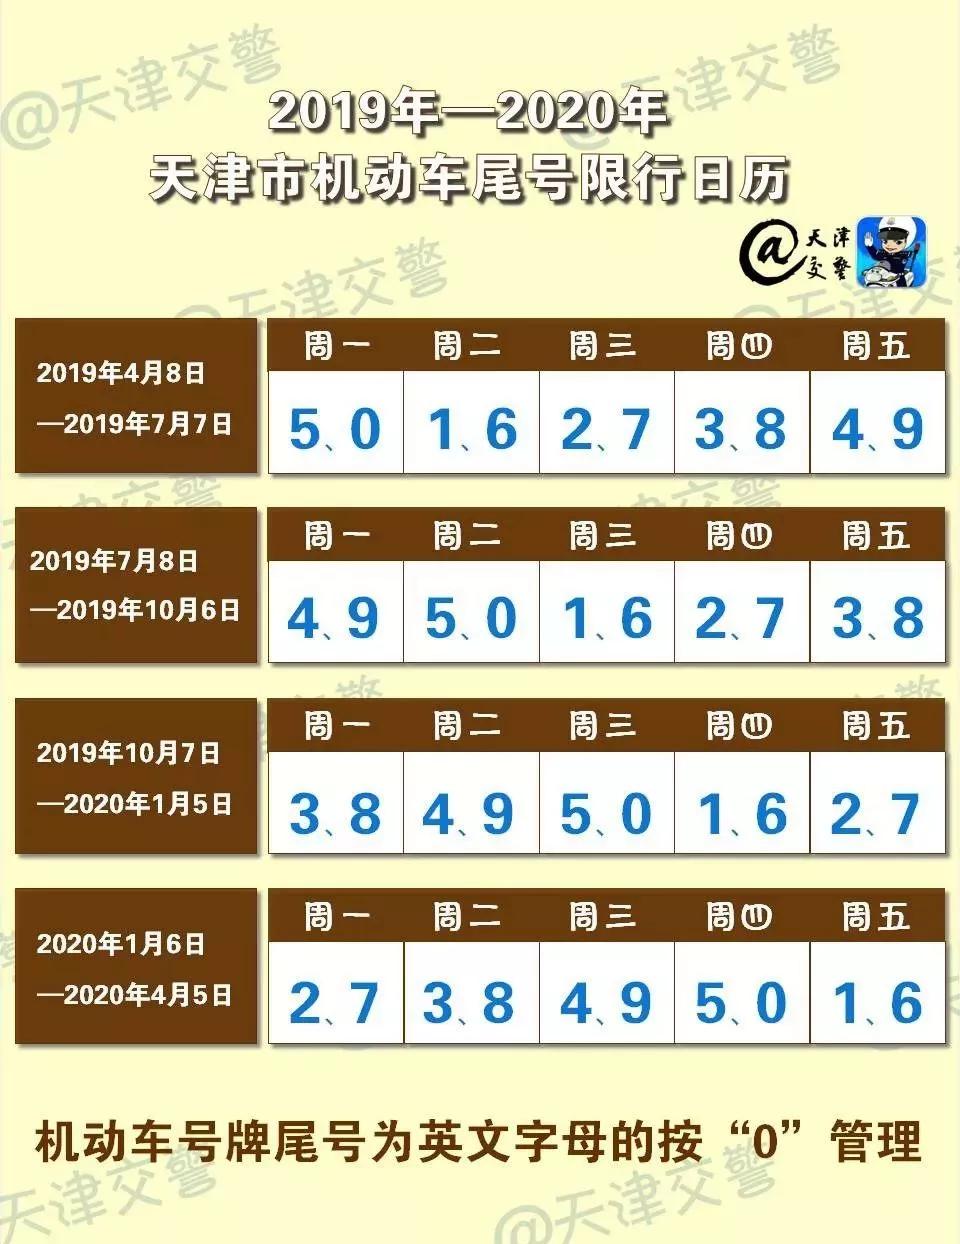 2019-2020天津尾号限行表(最新)